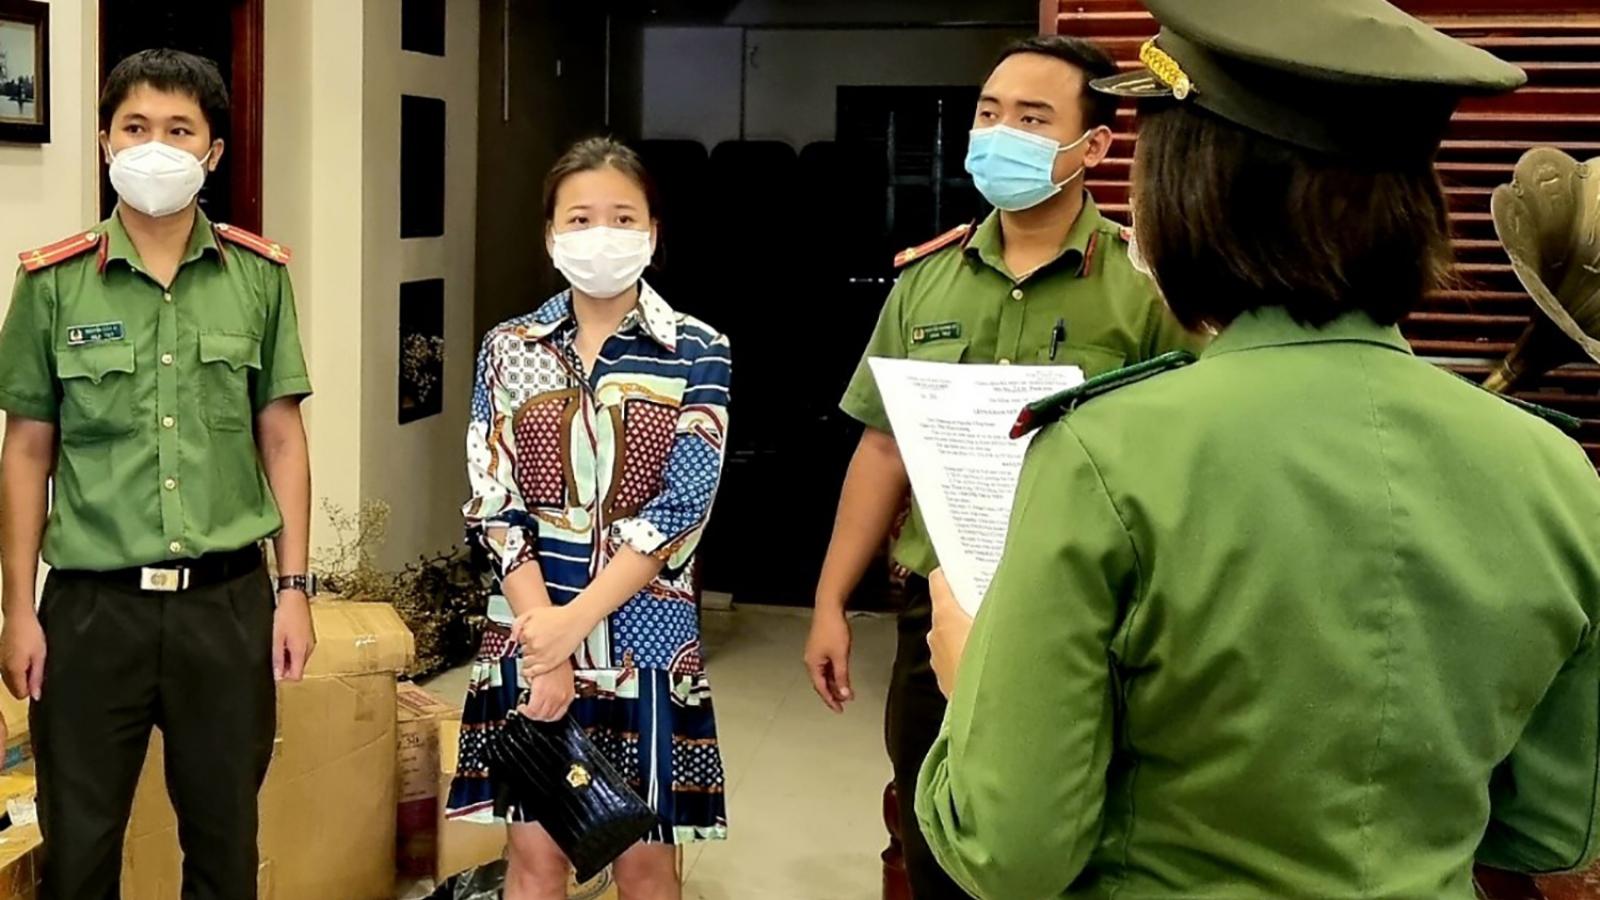 Bắt nữ giám đốc tổ chức nhập cảnh trái phép